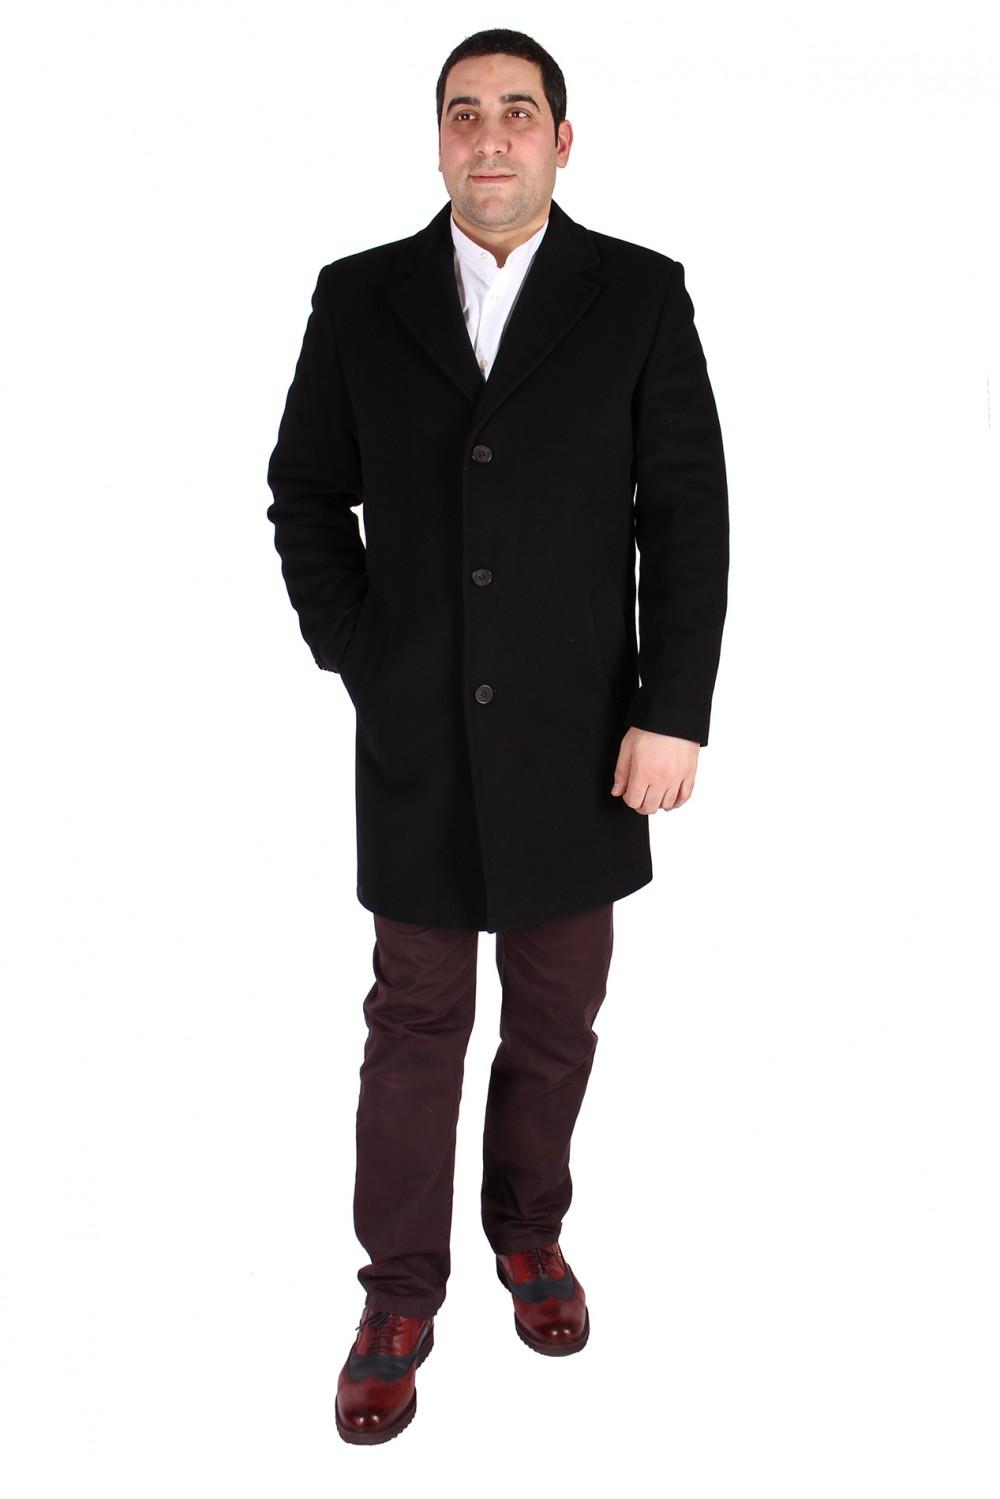 Купить оптом Пальто мужское черного цвета 16Ch в Нижнем Новгороде